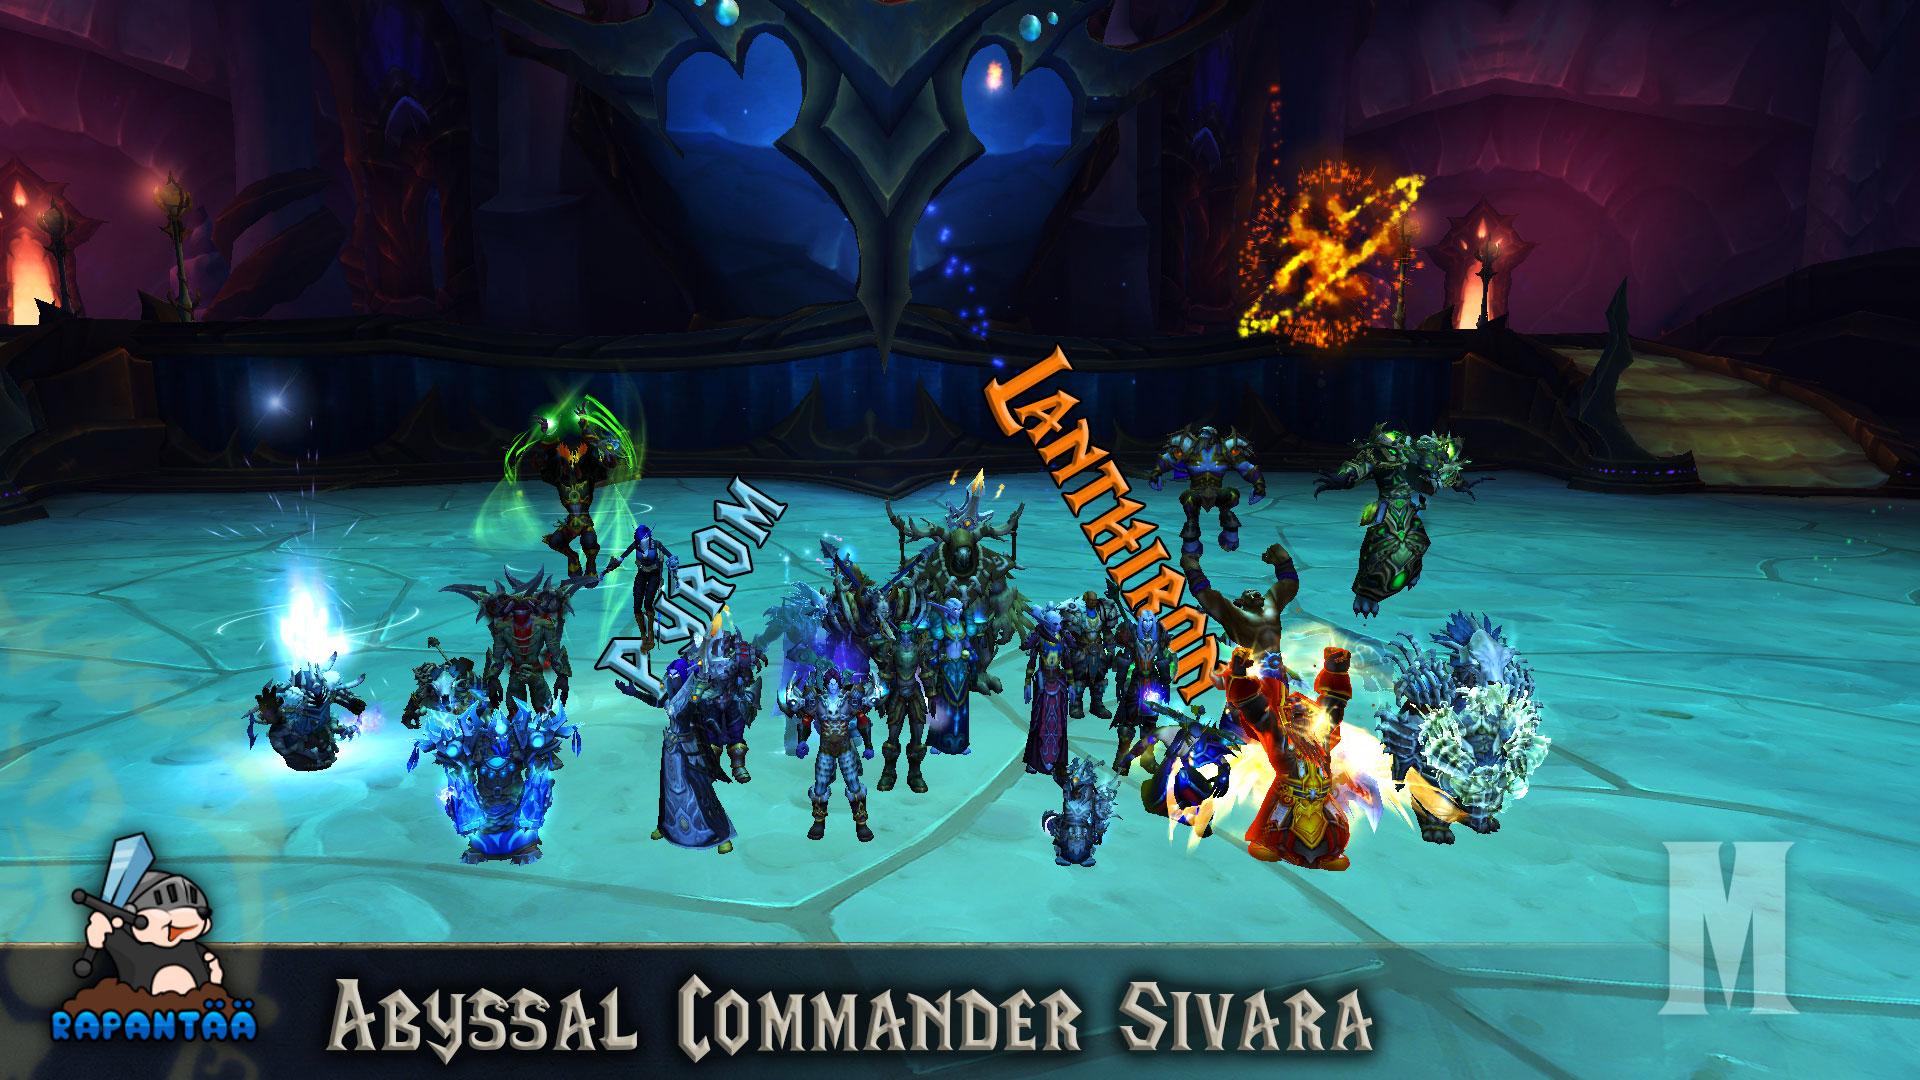 abyssal-commander-sivara-m-20.08.2019